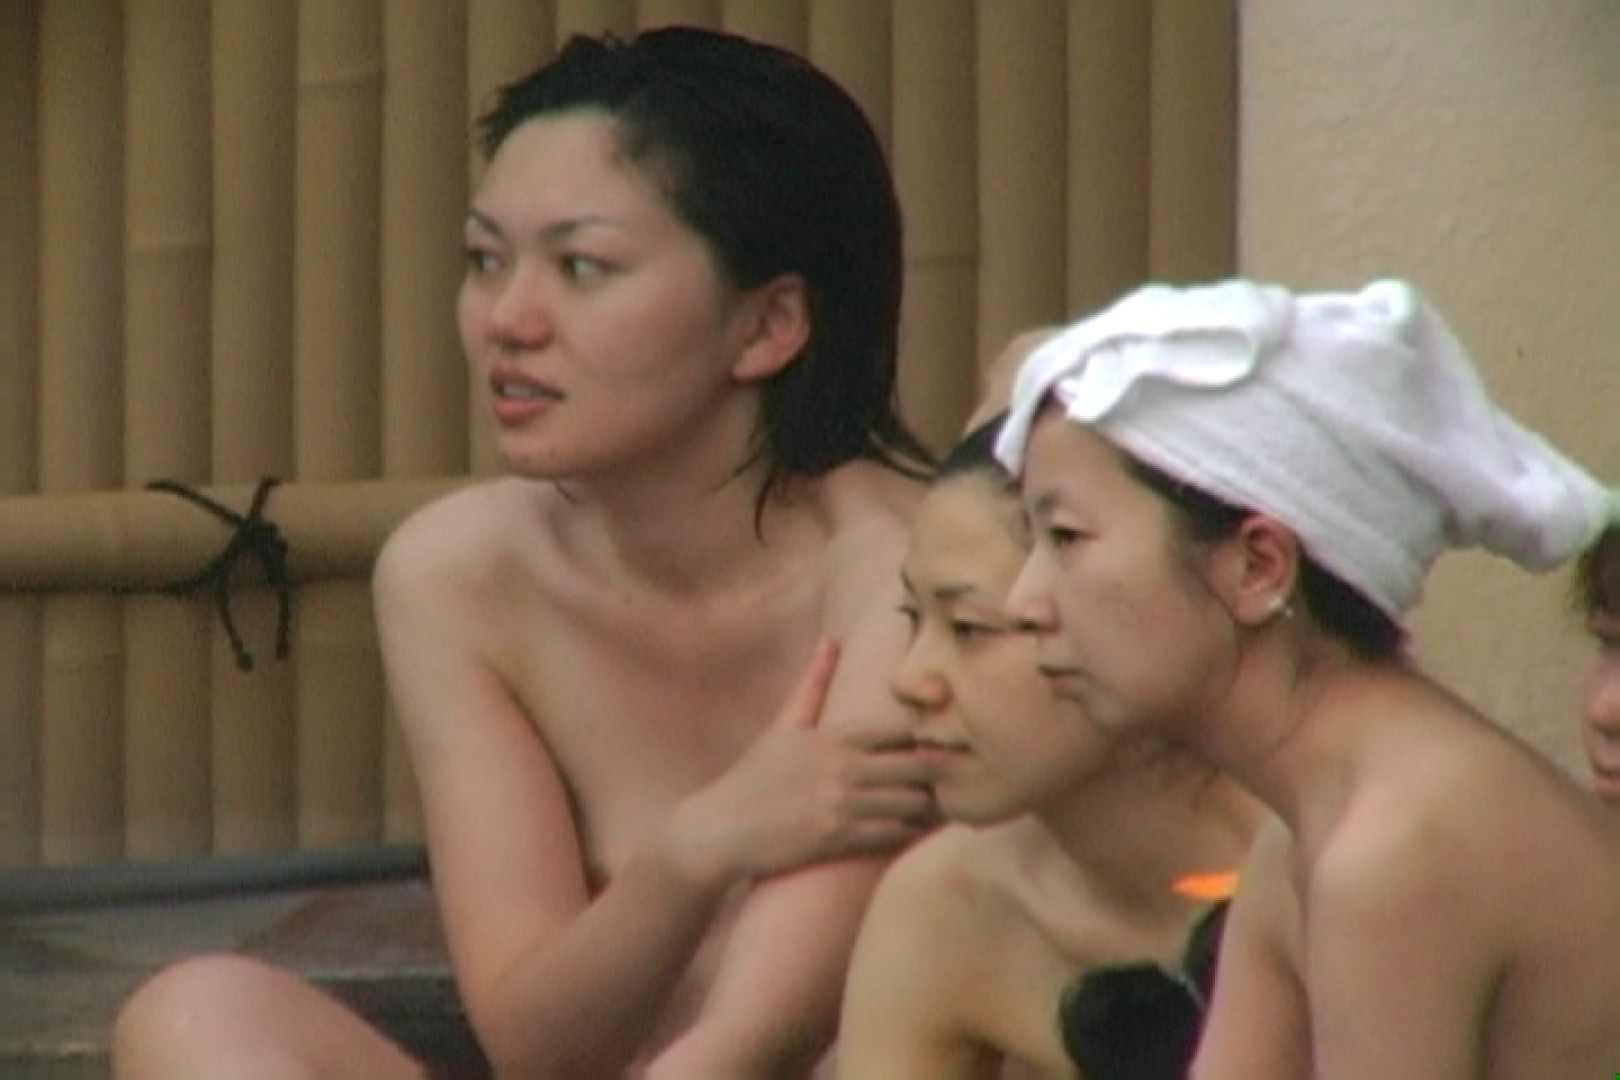 Aquaな露天風呂Vol.613 美しいOLの裸体 ワレメ無修正動画無料 103pic 68